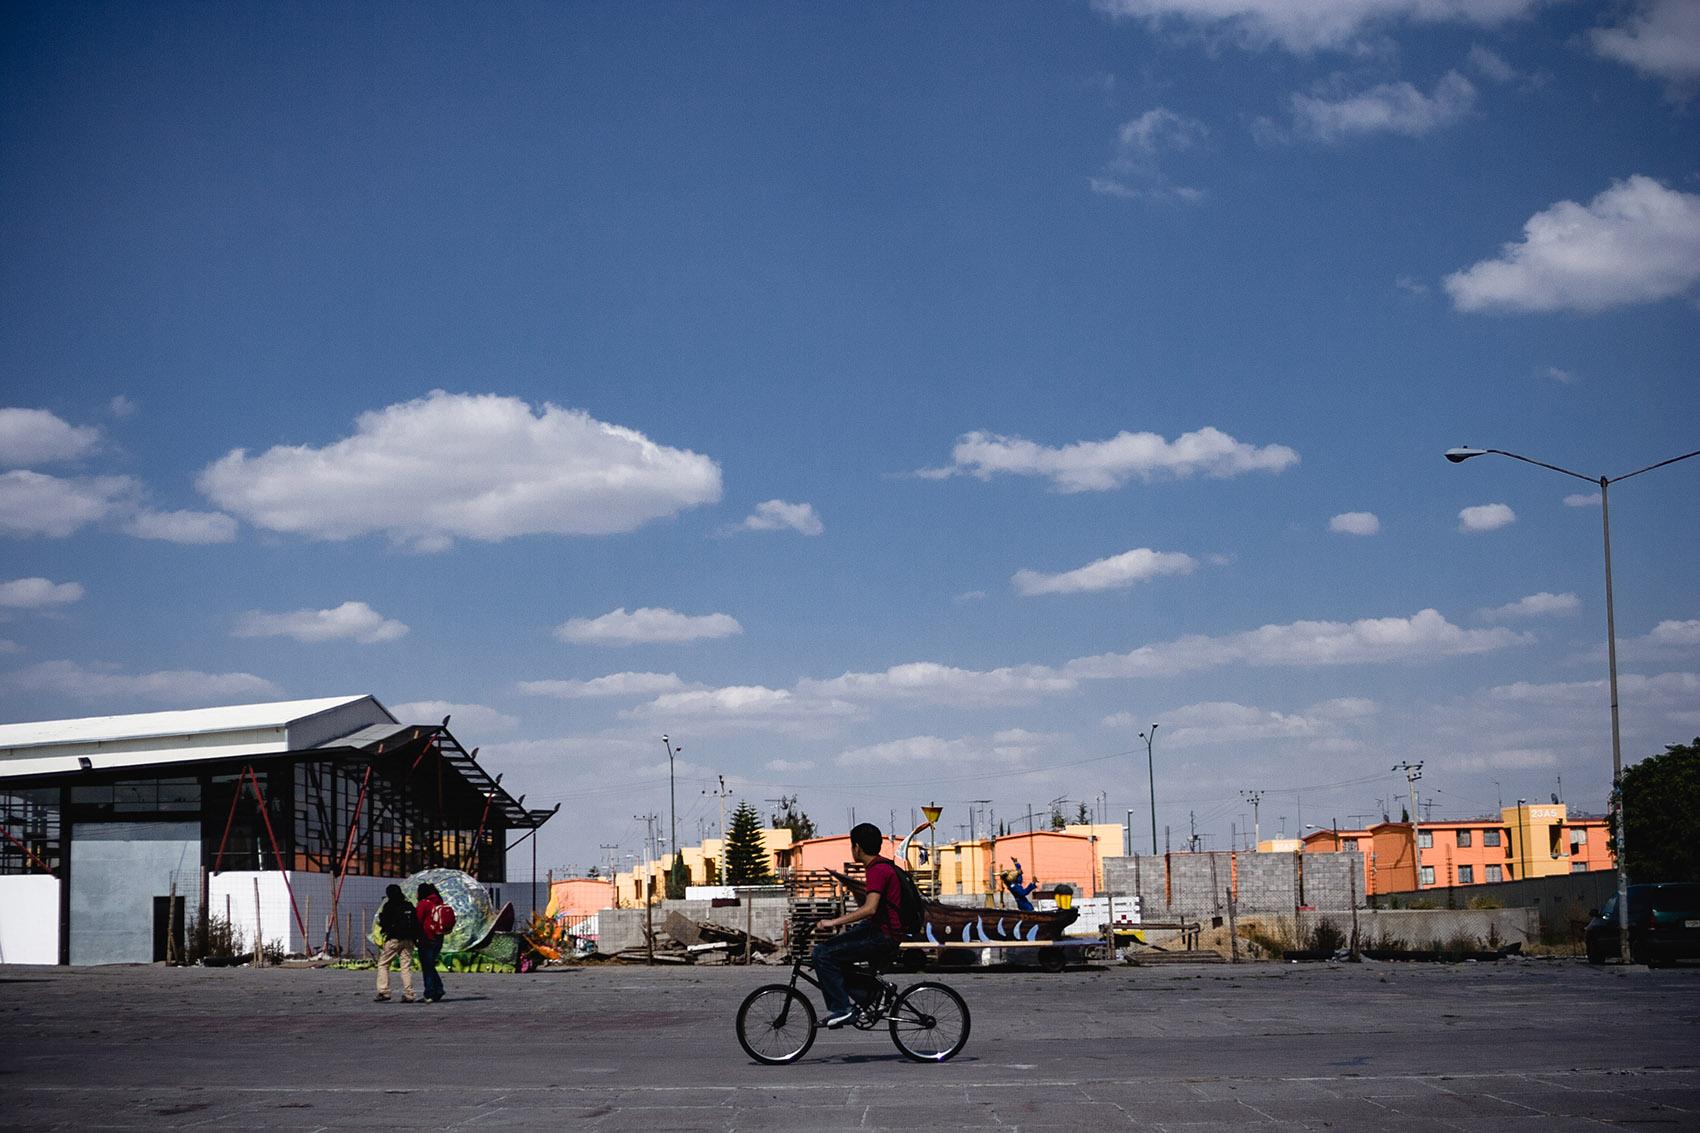 CIclista por Ockesaid a.k.a Joel Lugo - Street Photographer